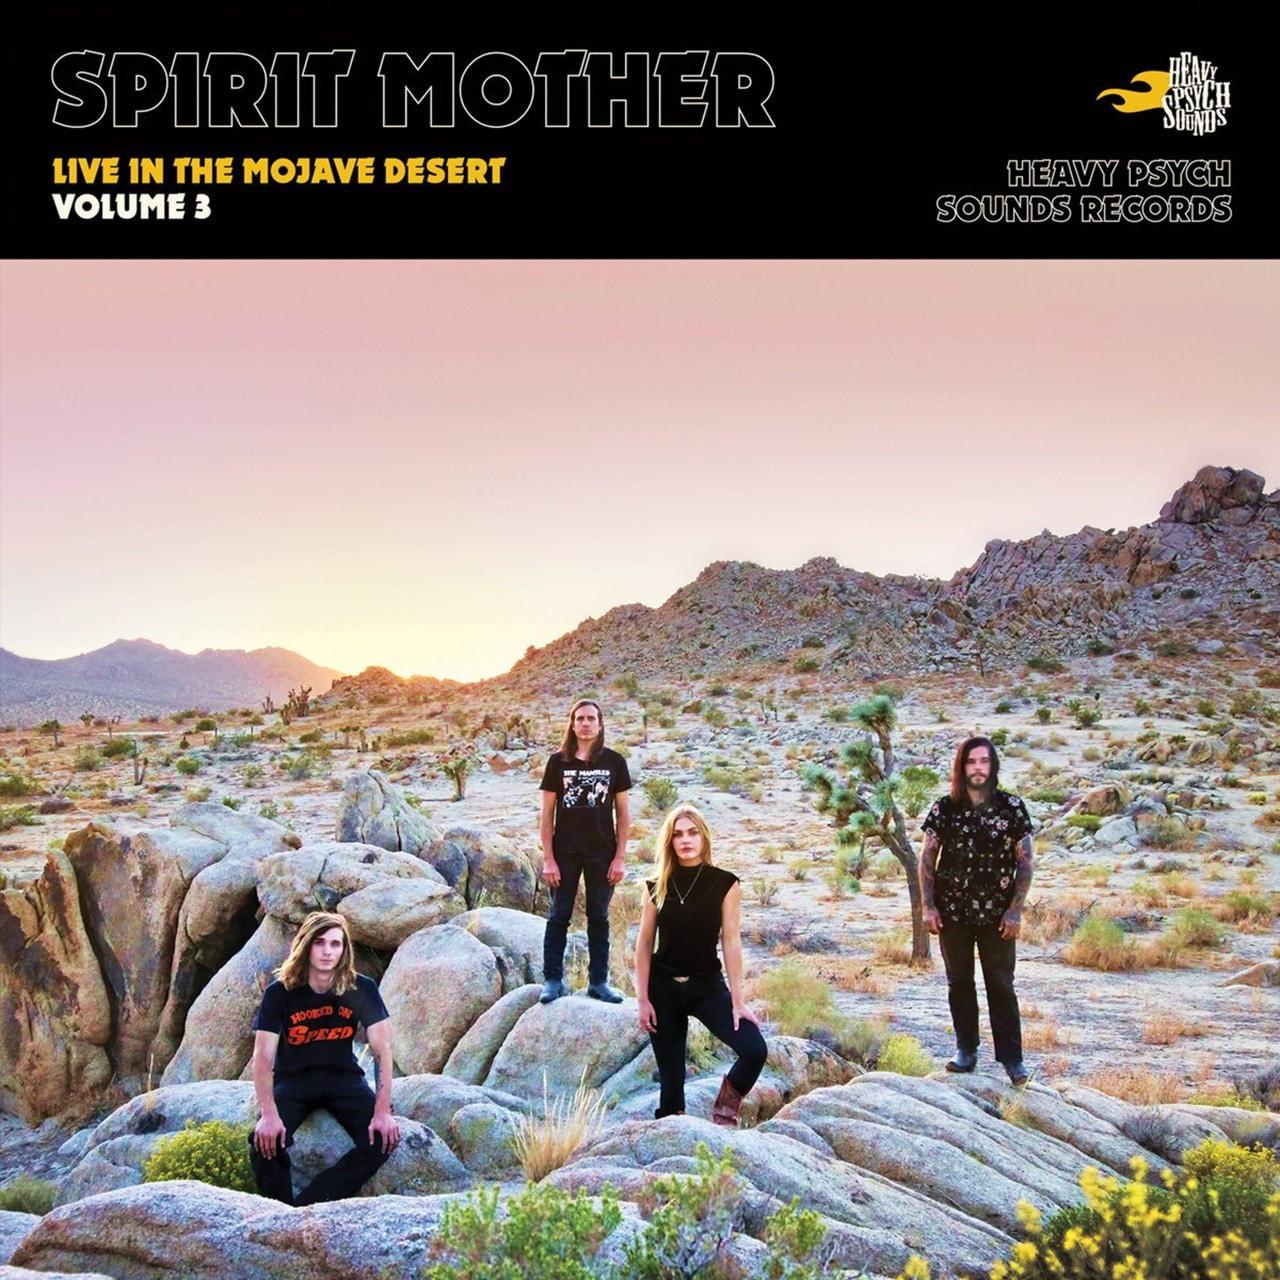 Live in the Mojave Desert - Volume 3 - 1